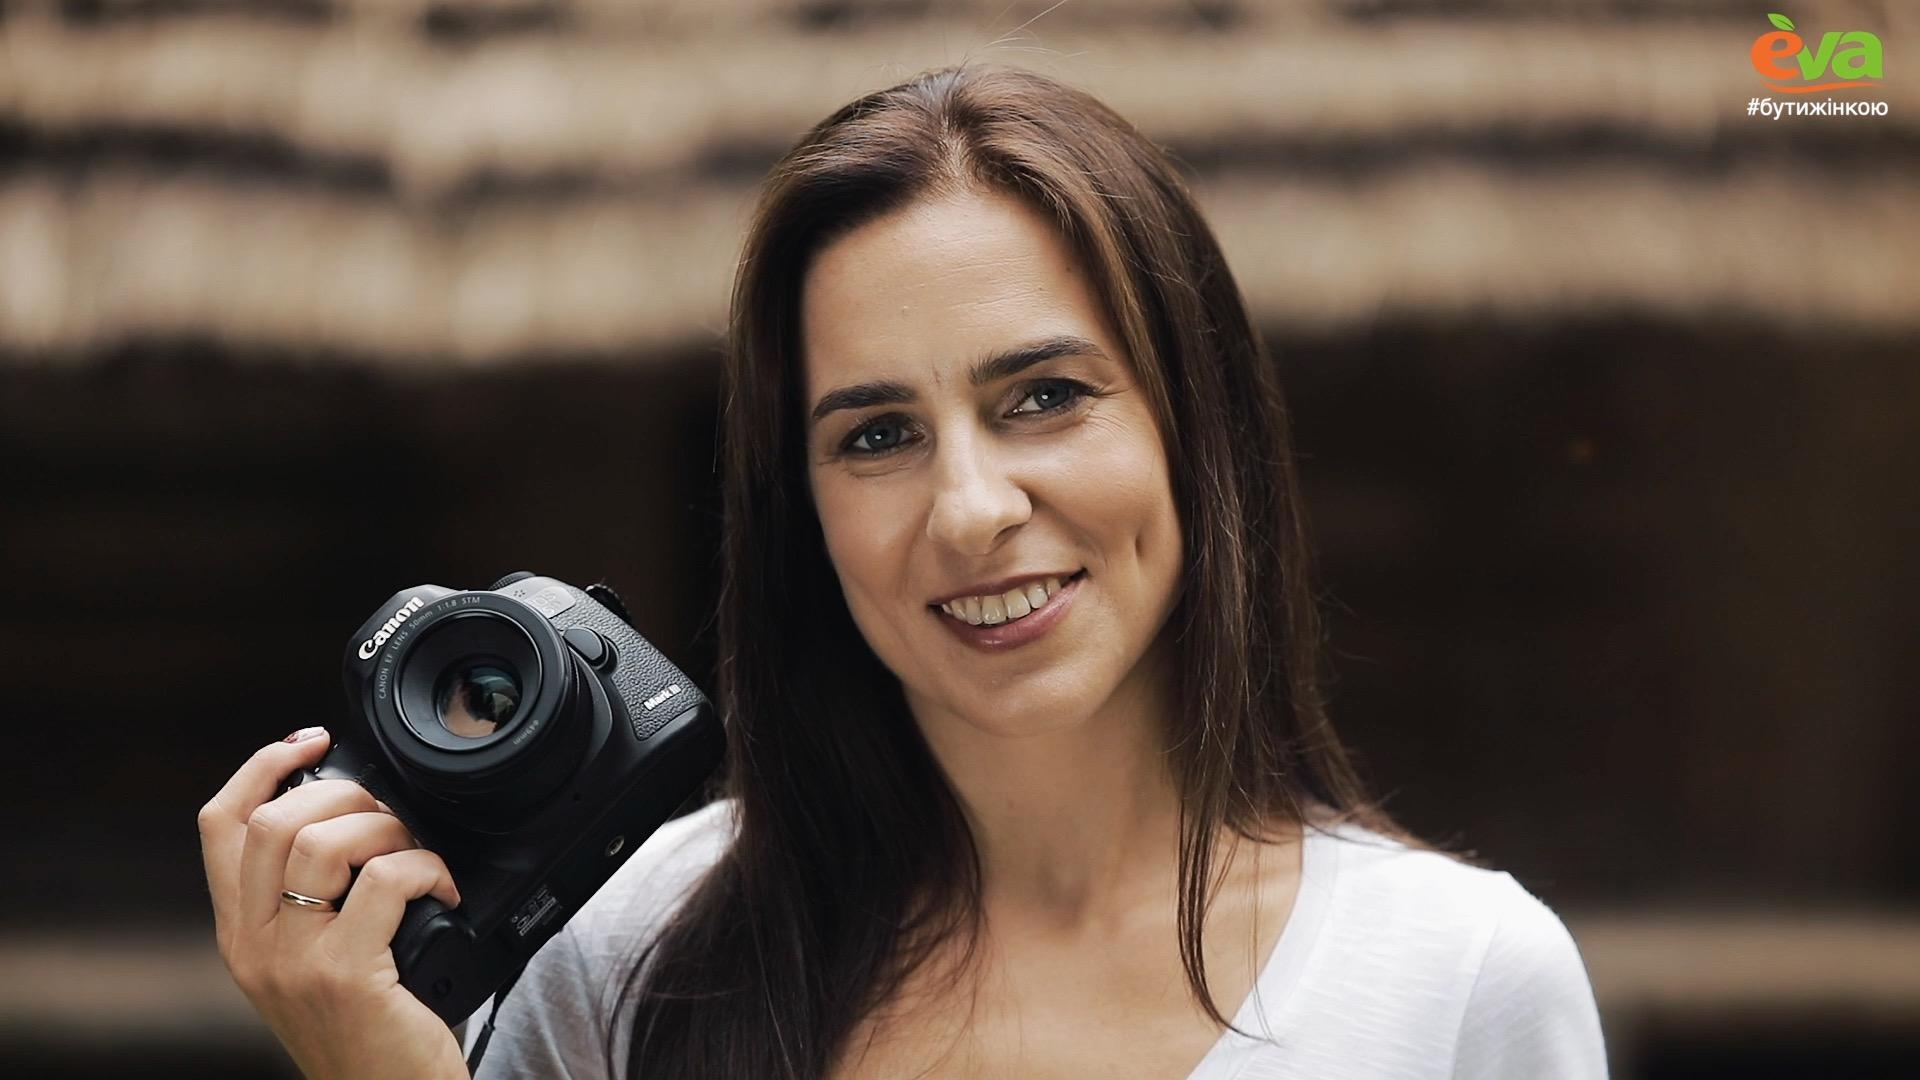 Красота и женственность сквозь объектив: интервью с фотографом Светланой Лисцевой